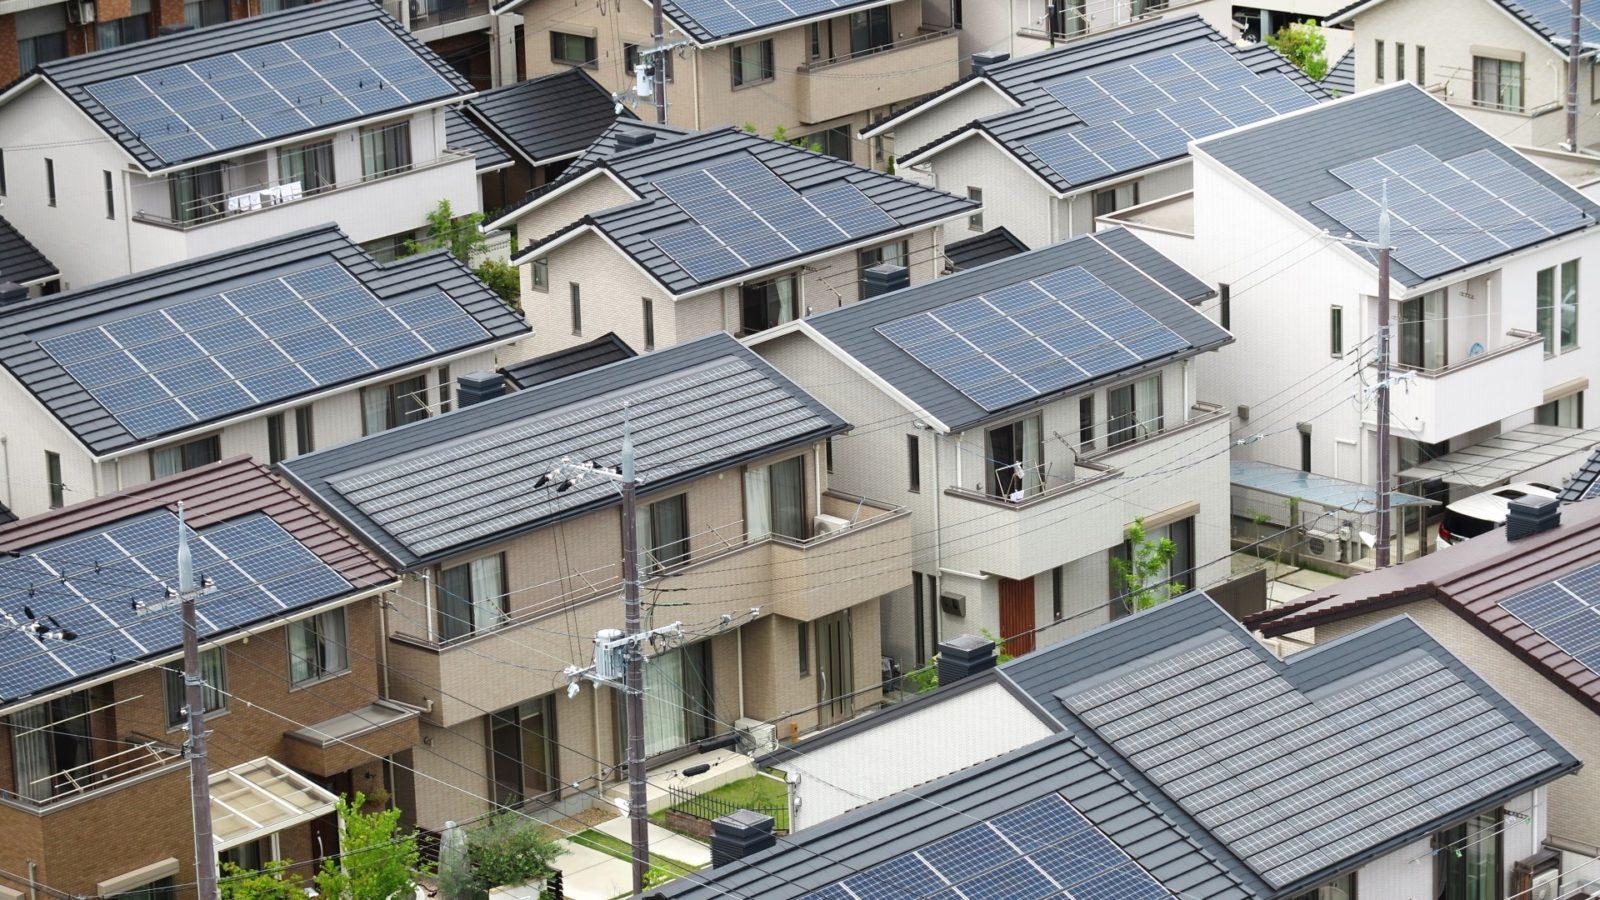 太陽光発電システムの街並み